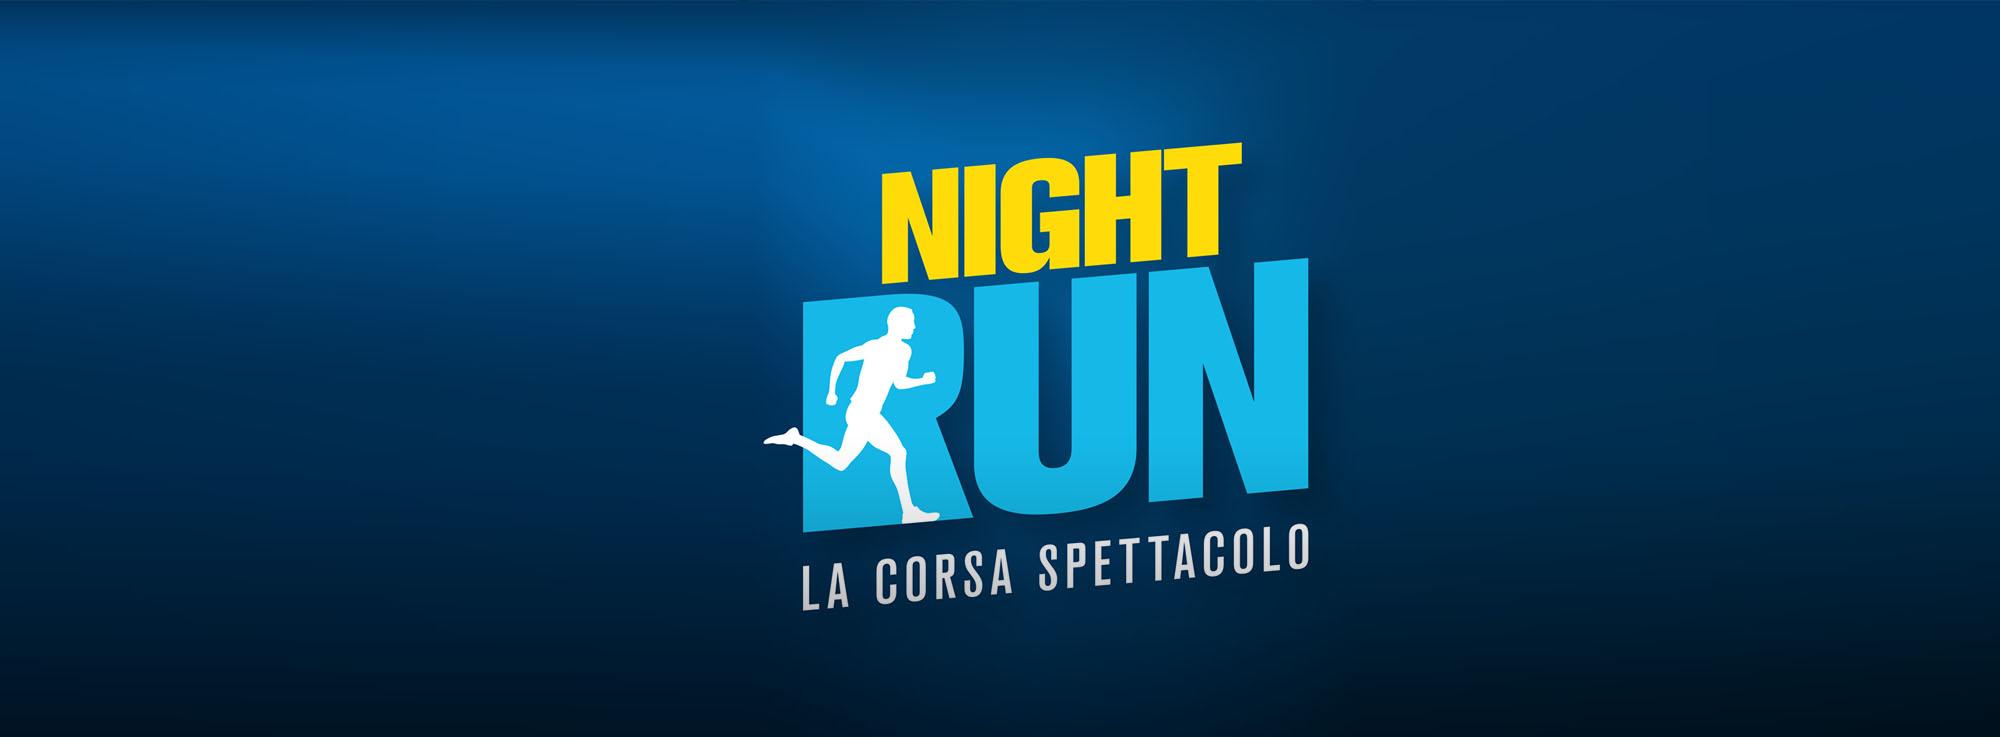 Trani: Trani Night Run